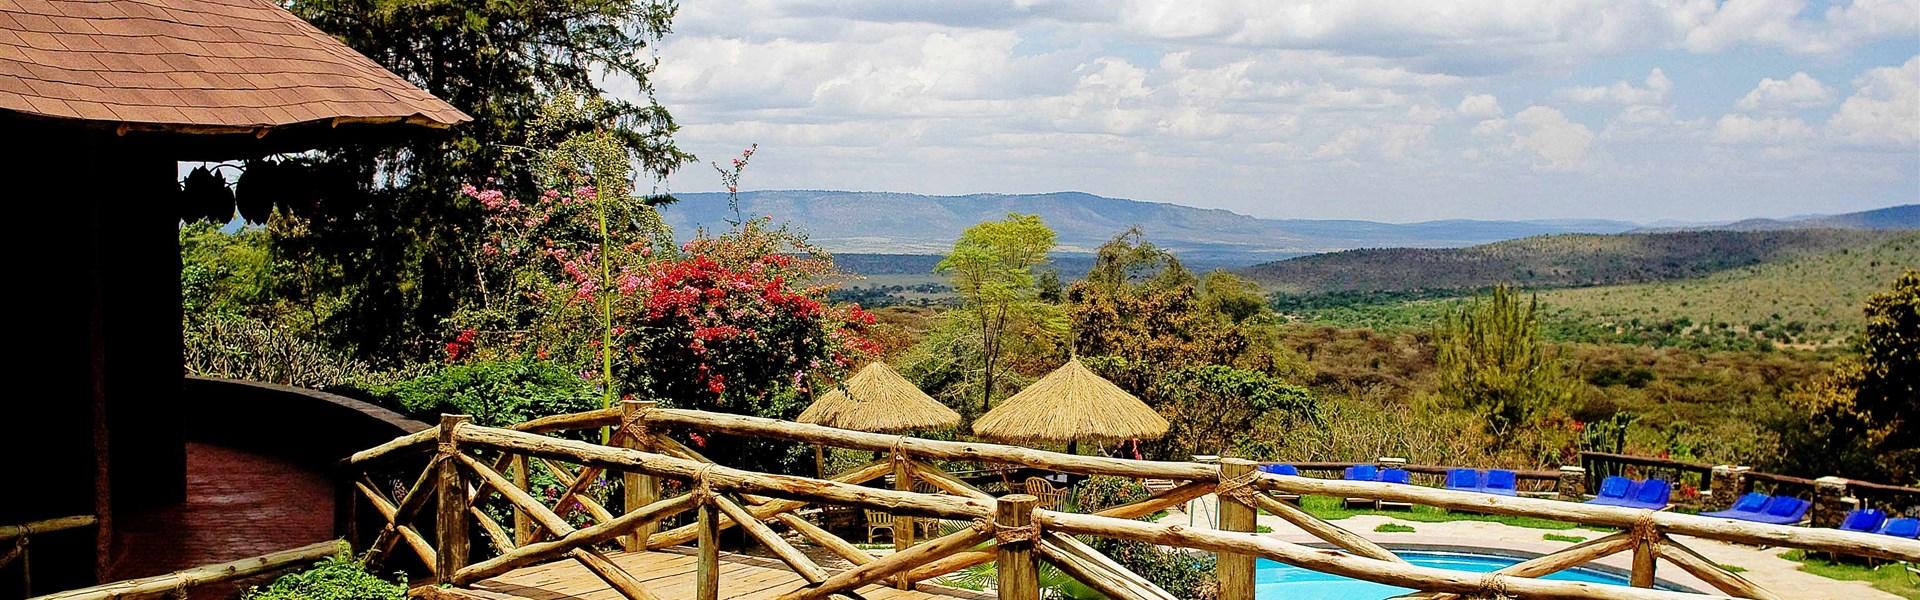 Marco Polo - Masai Mara Sopa Lodge - Od bazénu je hezký výhled do okolní krajiny. Masai Mara Sopa Lodge je perfektním zázemím pro vaše safari.